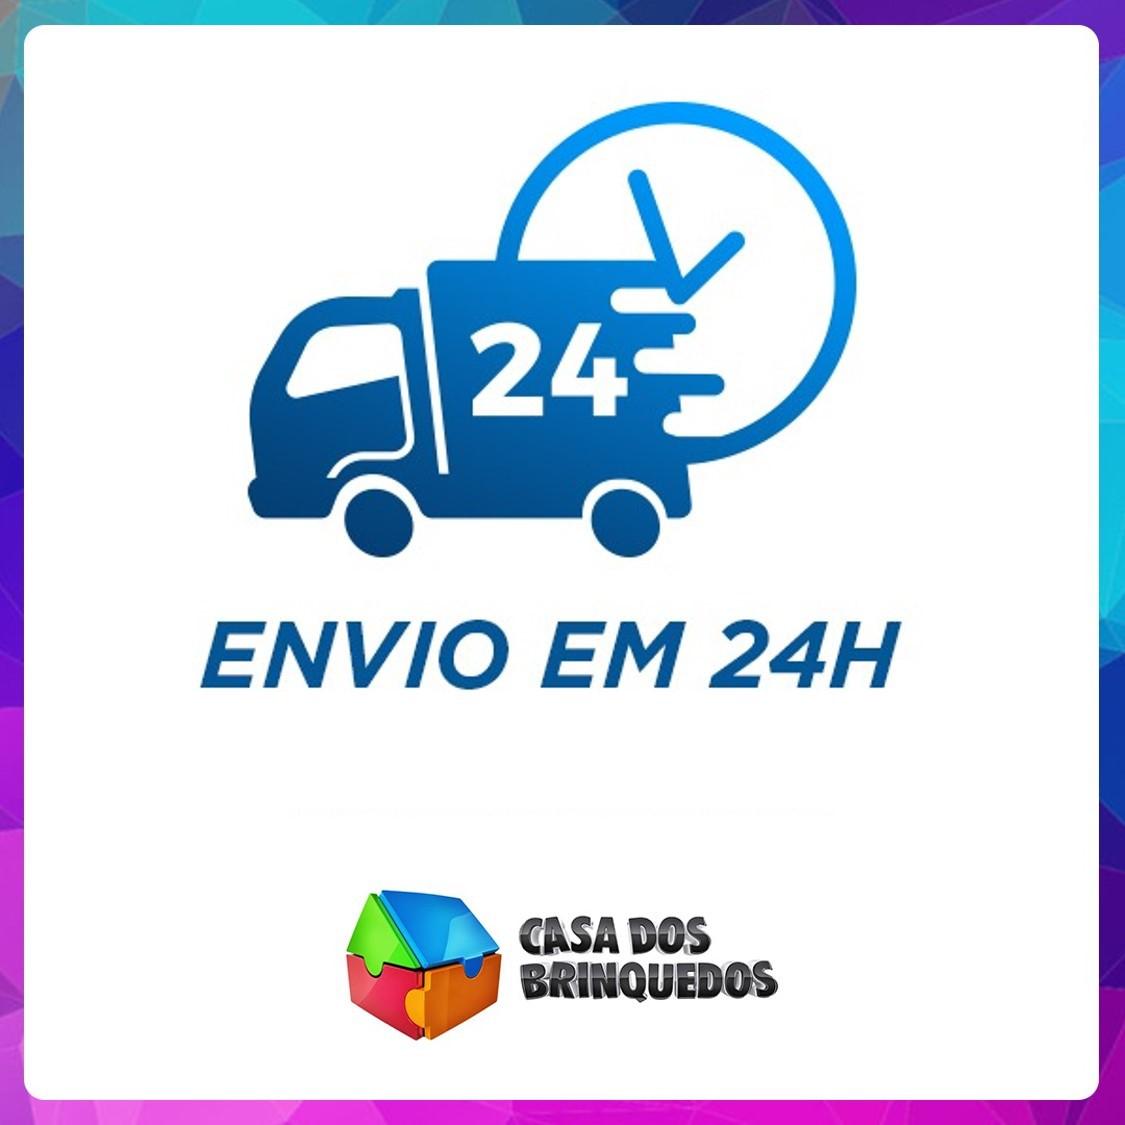 BONECA BABY ALIVE PRIMEIROS PASSINHOS MORENA E5248 HASBRO